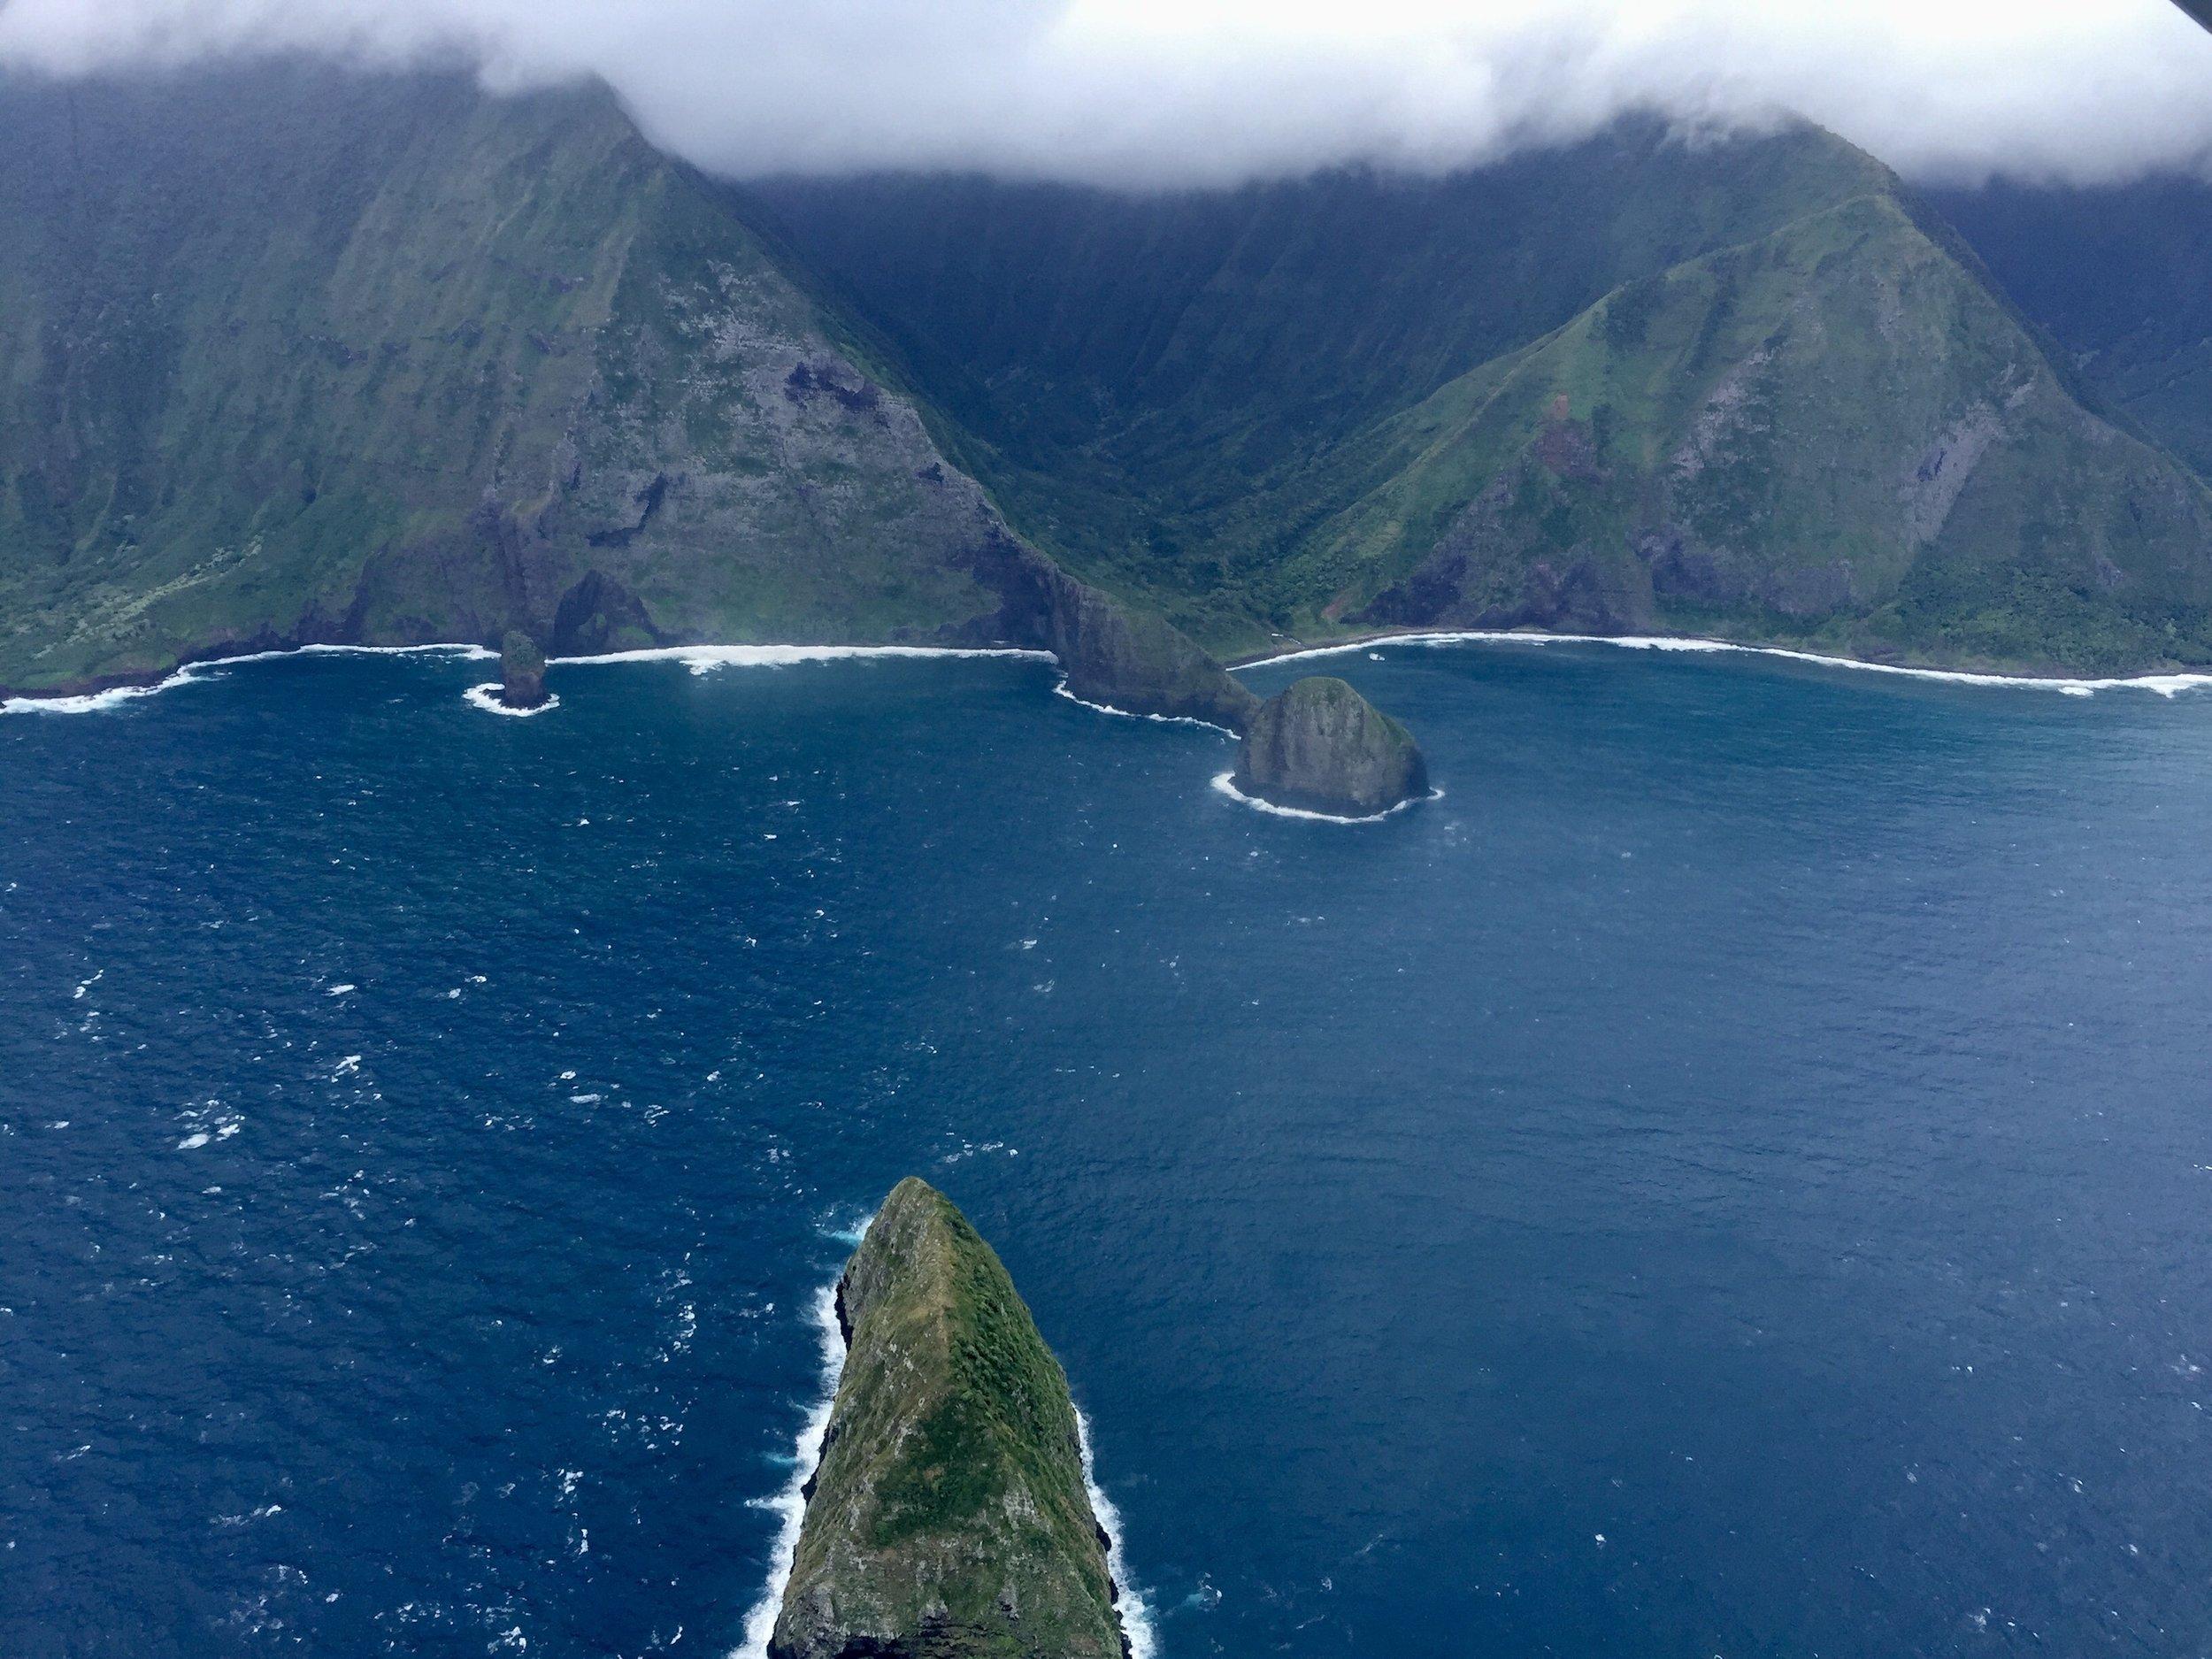 maui-web-design-pueo-creations-molokai-coastline